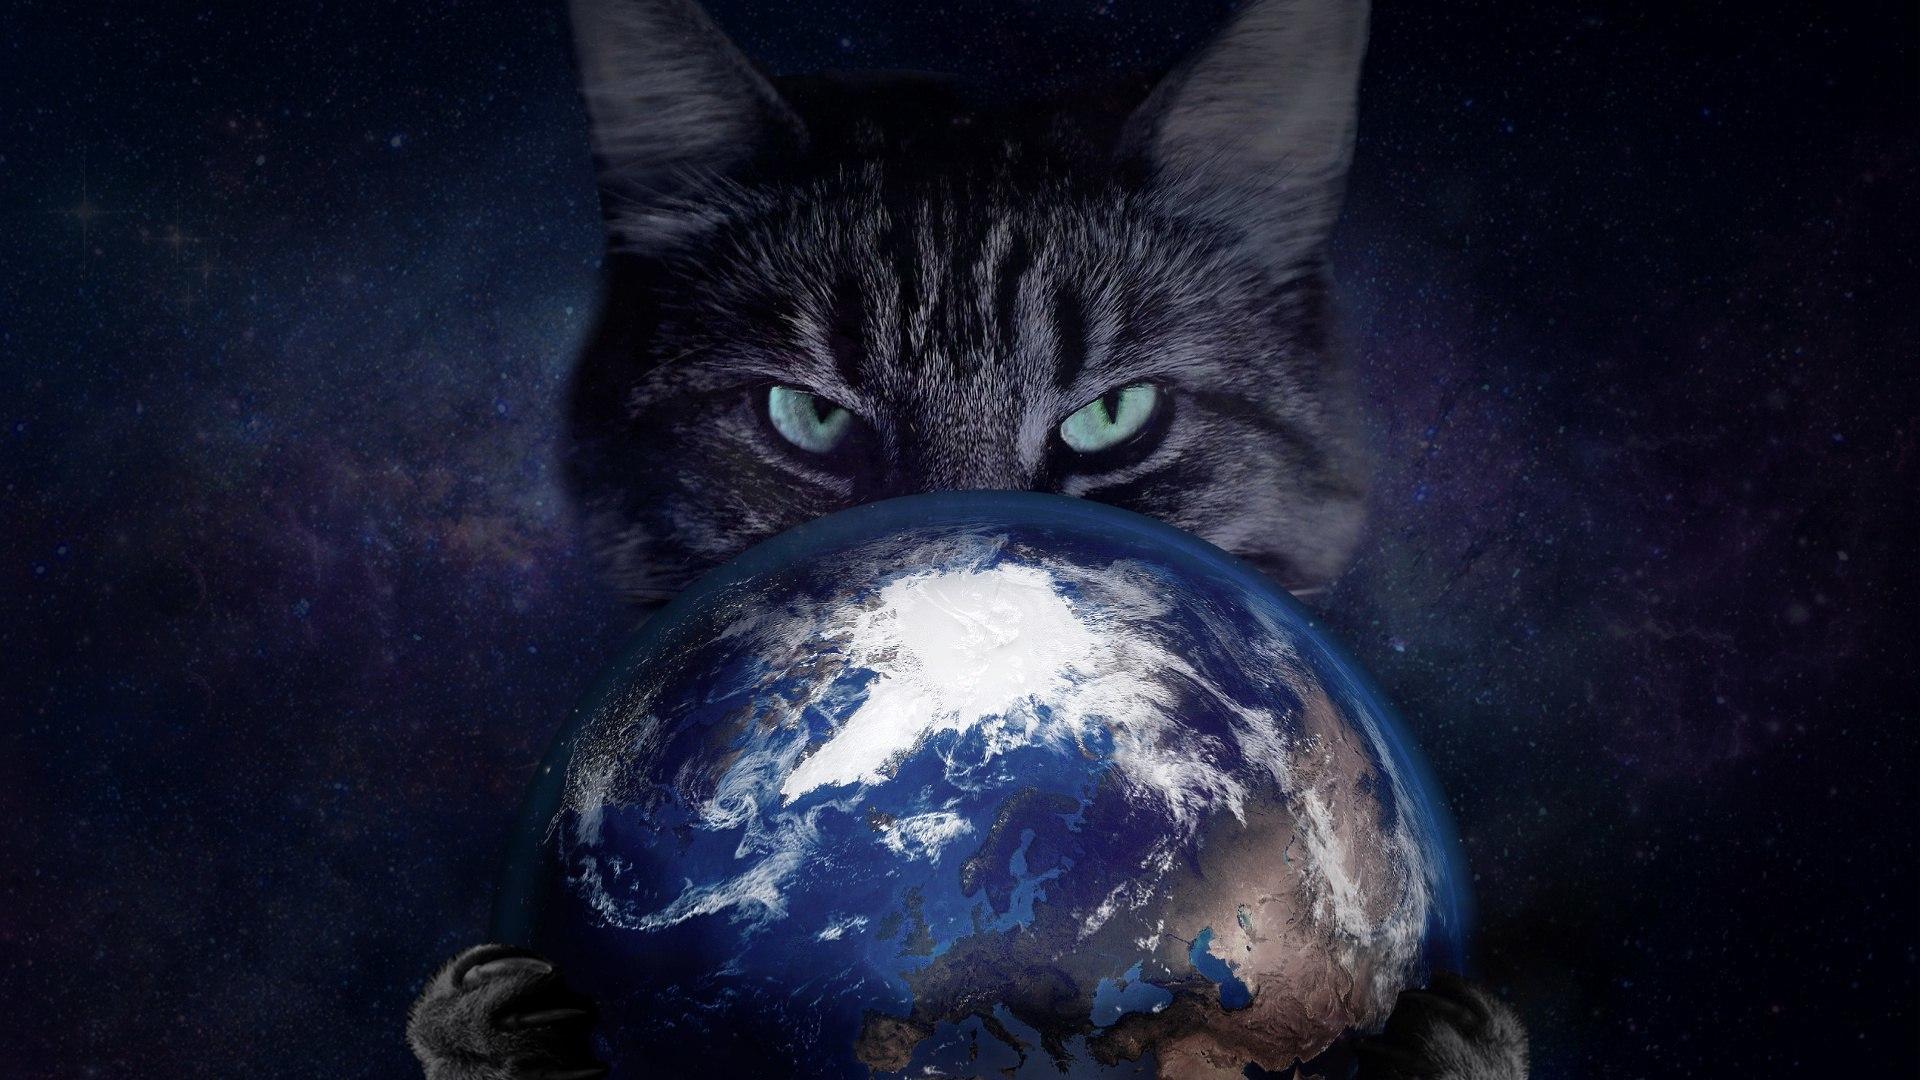 картинки с кошками в космосе чем